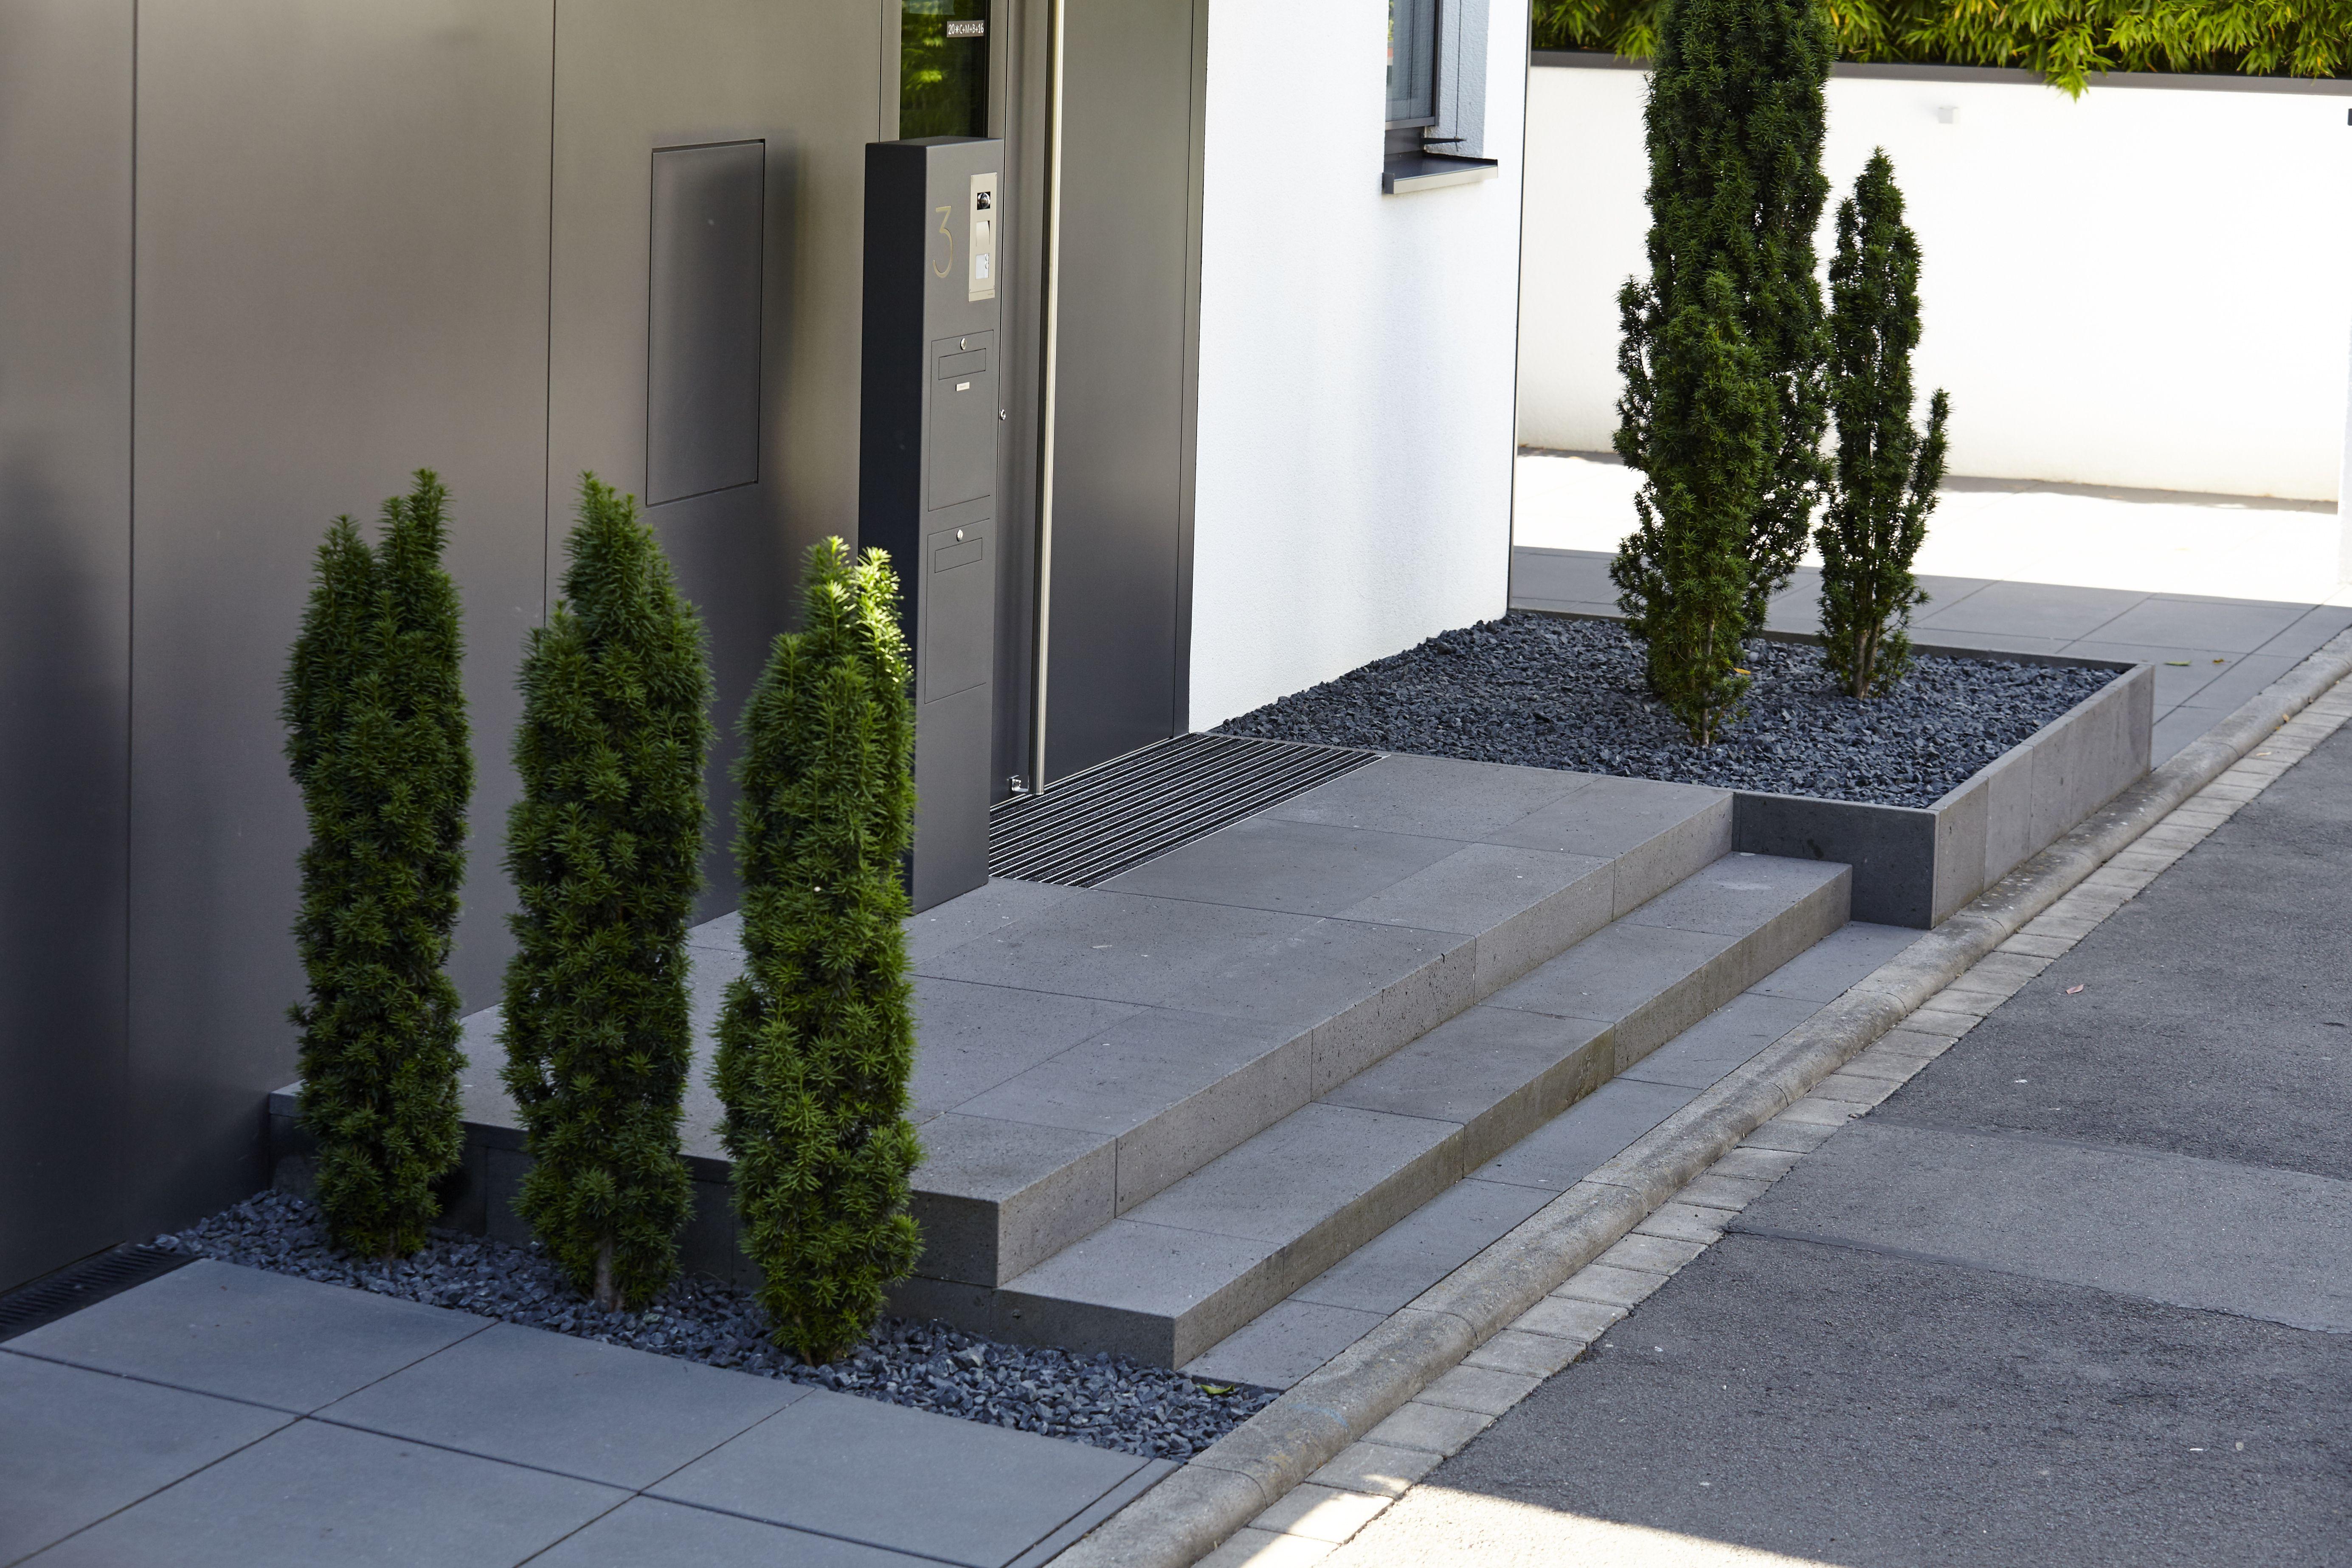 eingangsbereich aus betonstufen und bodenbel gen von metten tuja bepflanzung gestaltet von. Black Bedroom Furniture Sets. Home Design Ideas